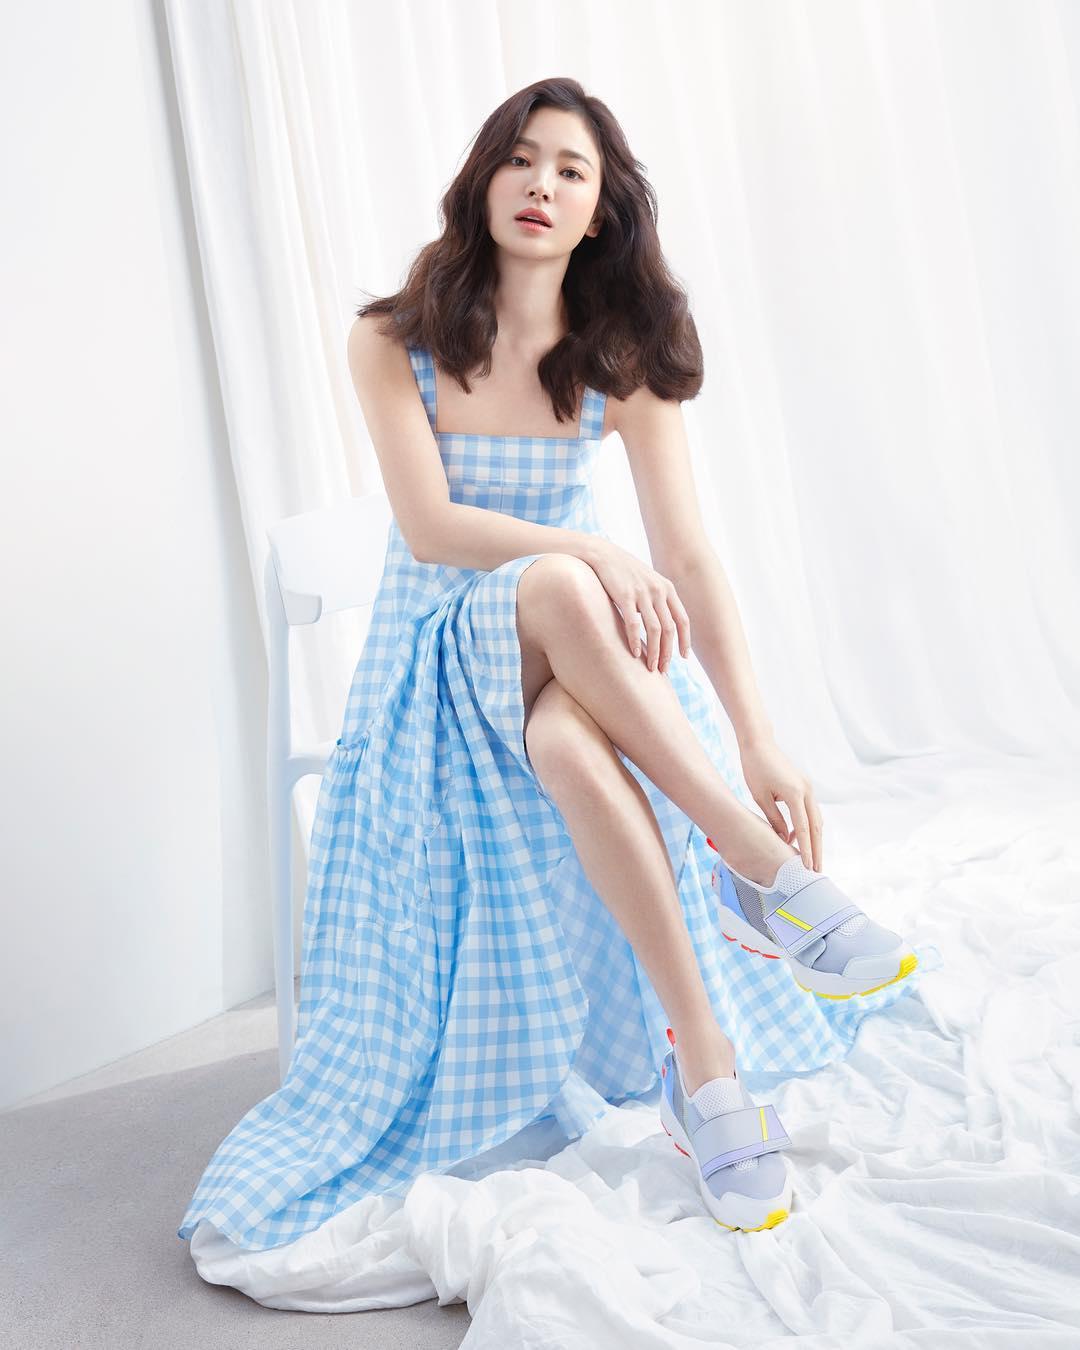 Song-Hye-Kyo_Harpers-Bazaar.jpg